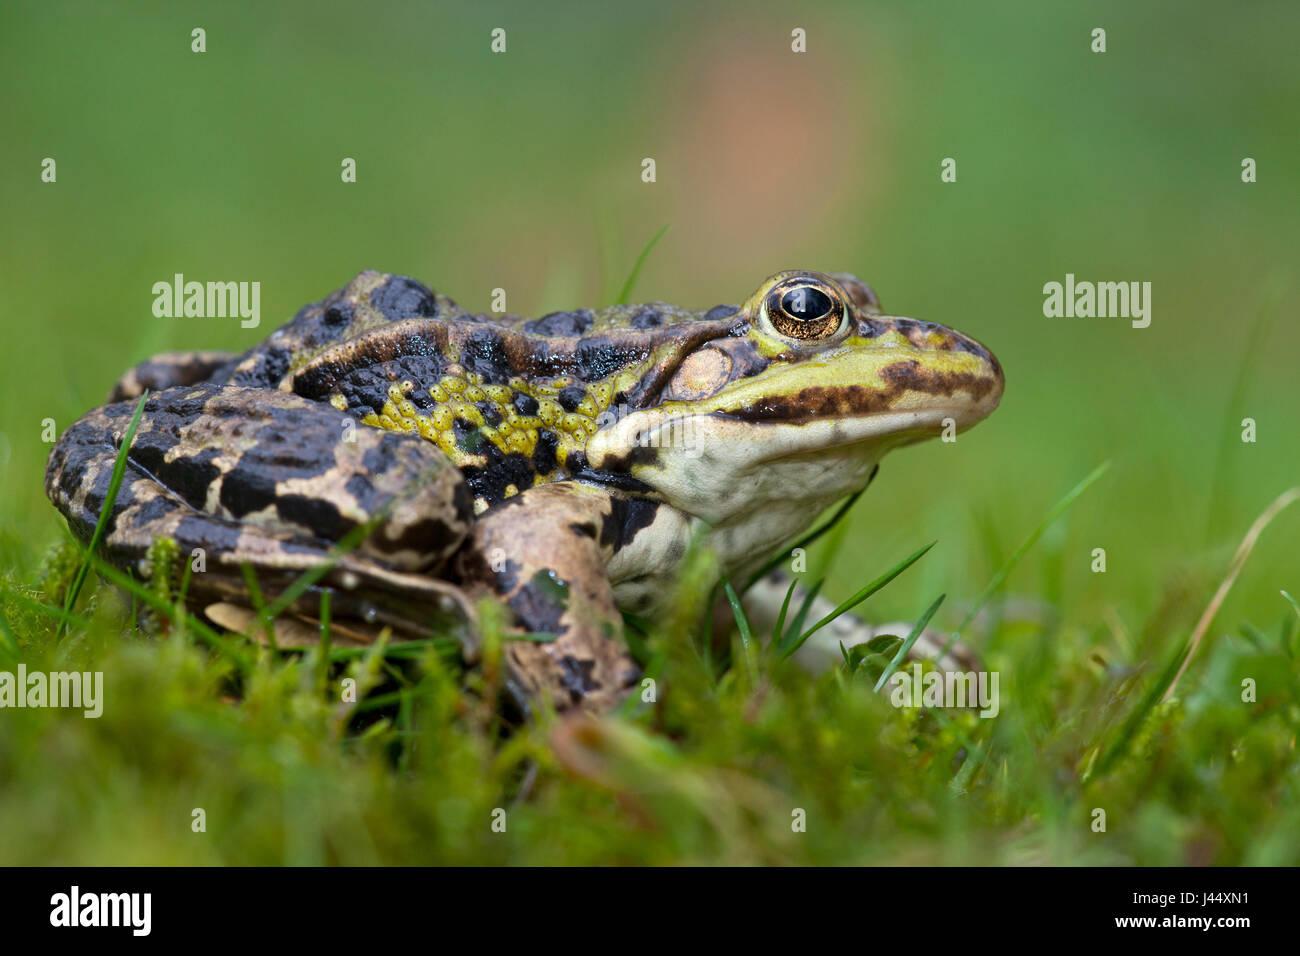 Foto von einem Seefrosch im grünen Rasen vor einem grünen Hintergrund Stockbild